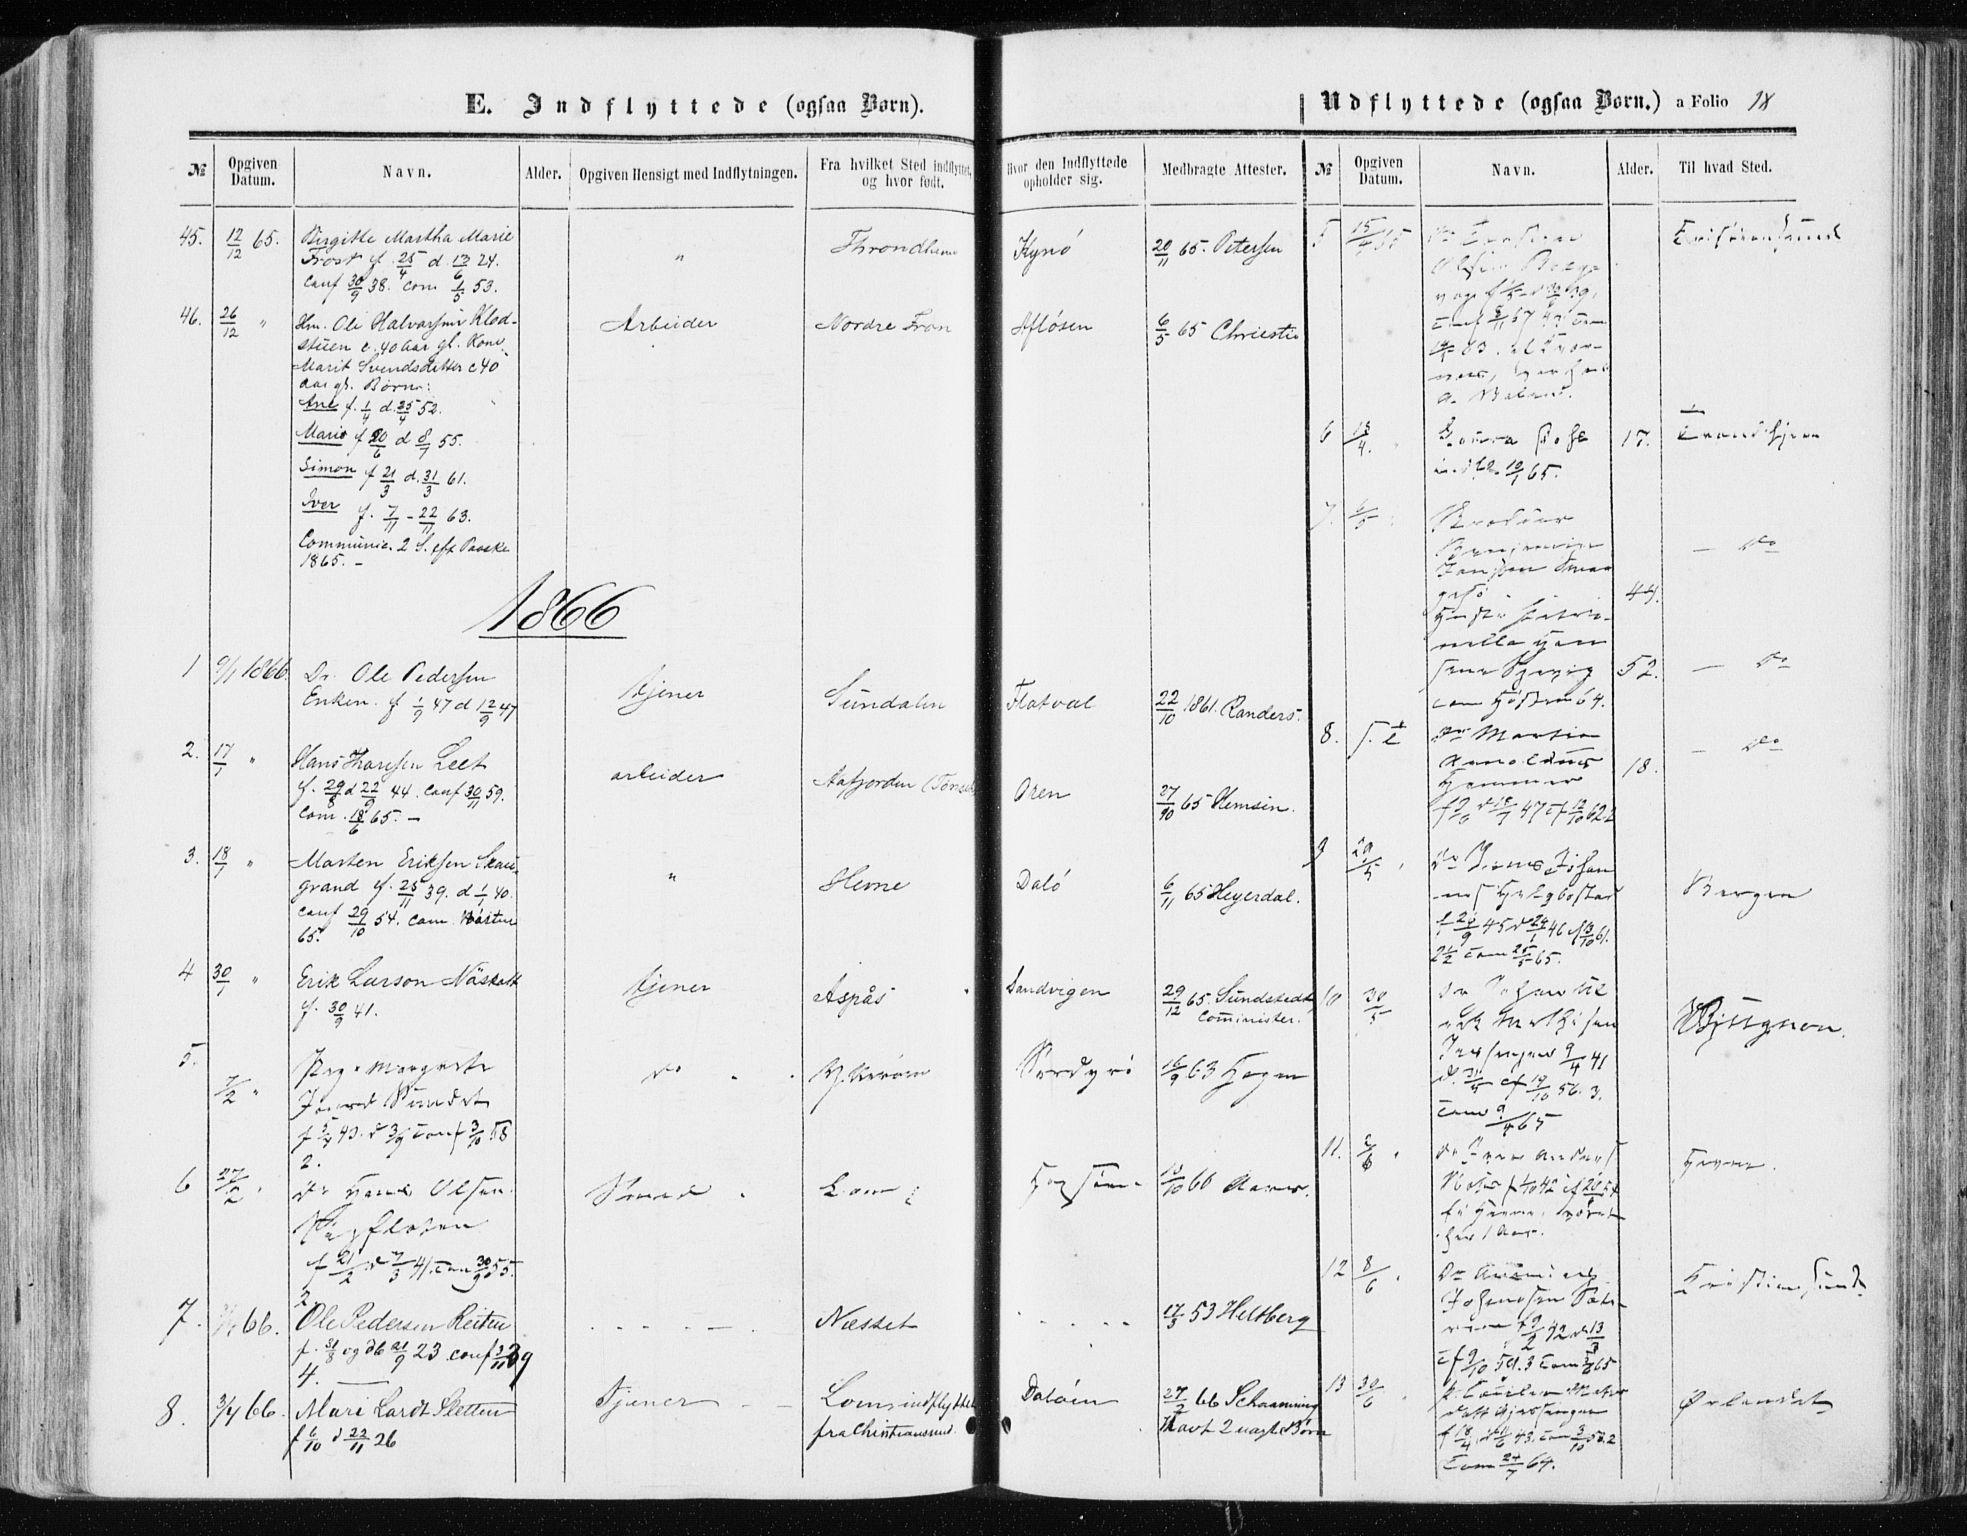 SAT, Ministerialprotokoller, klokkerbøker og fødselsregistre - Sør-Trøndelag, 634/L0531: Ministerialbok nr. 634A07, 1861-1870, s. 18